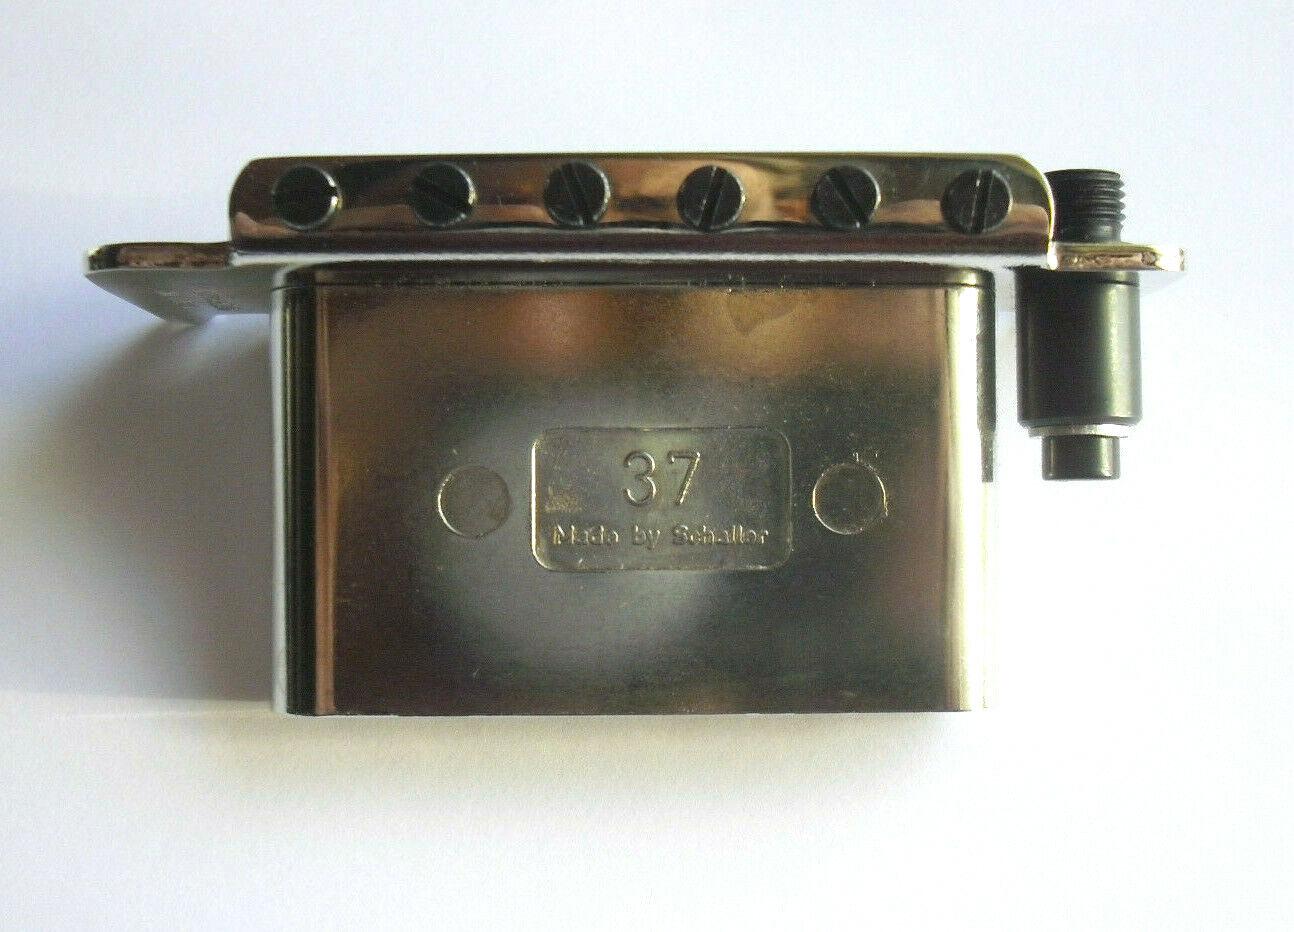 Schaller 4-Loch Buchsenblech Jack-Plate Schrauben gebogen Chrome inkl